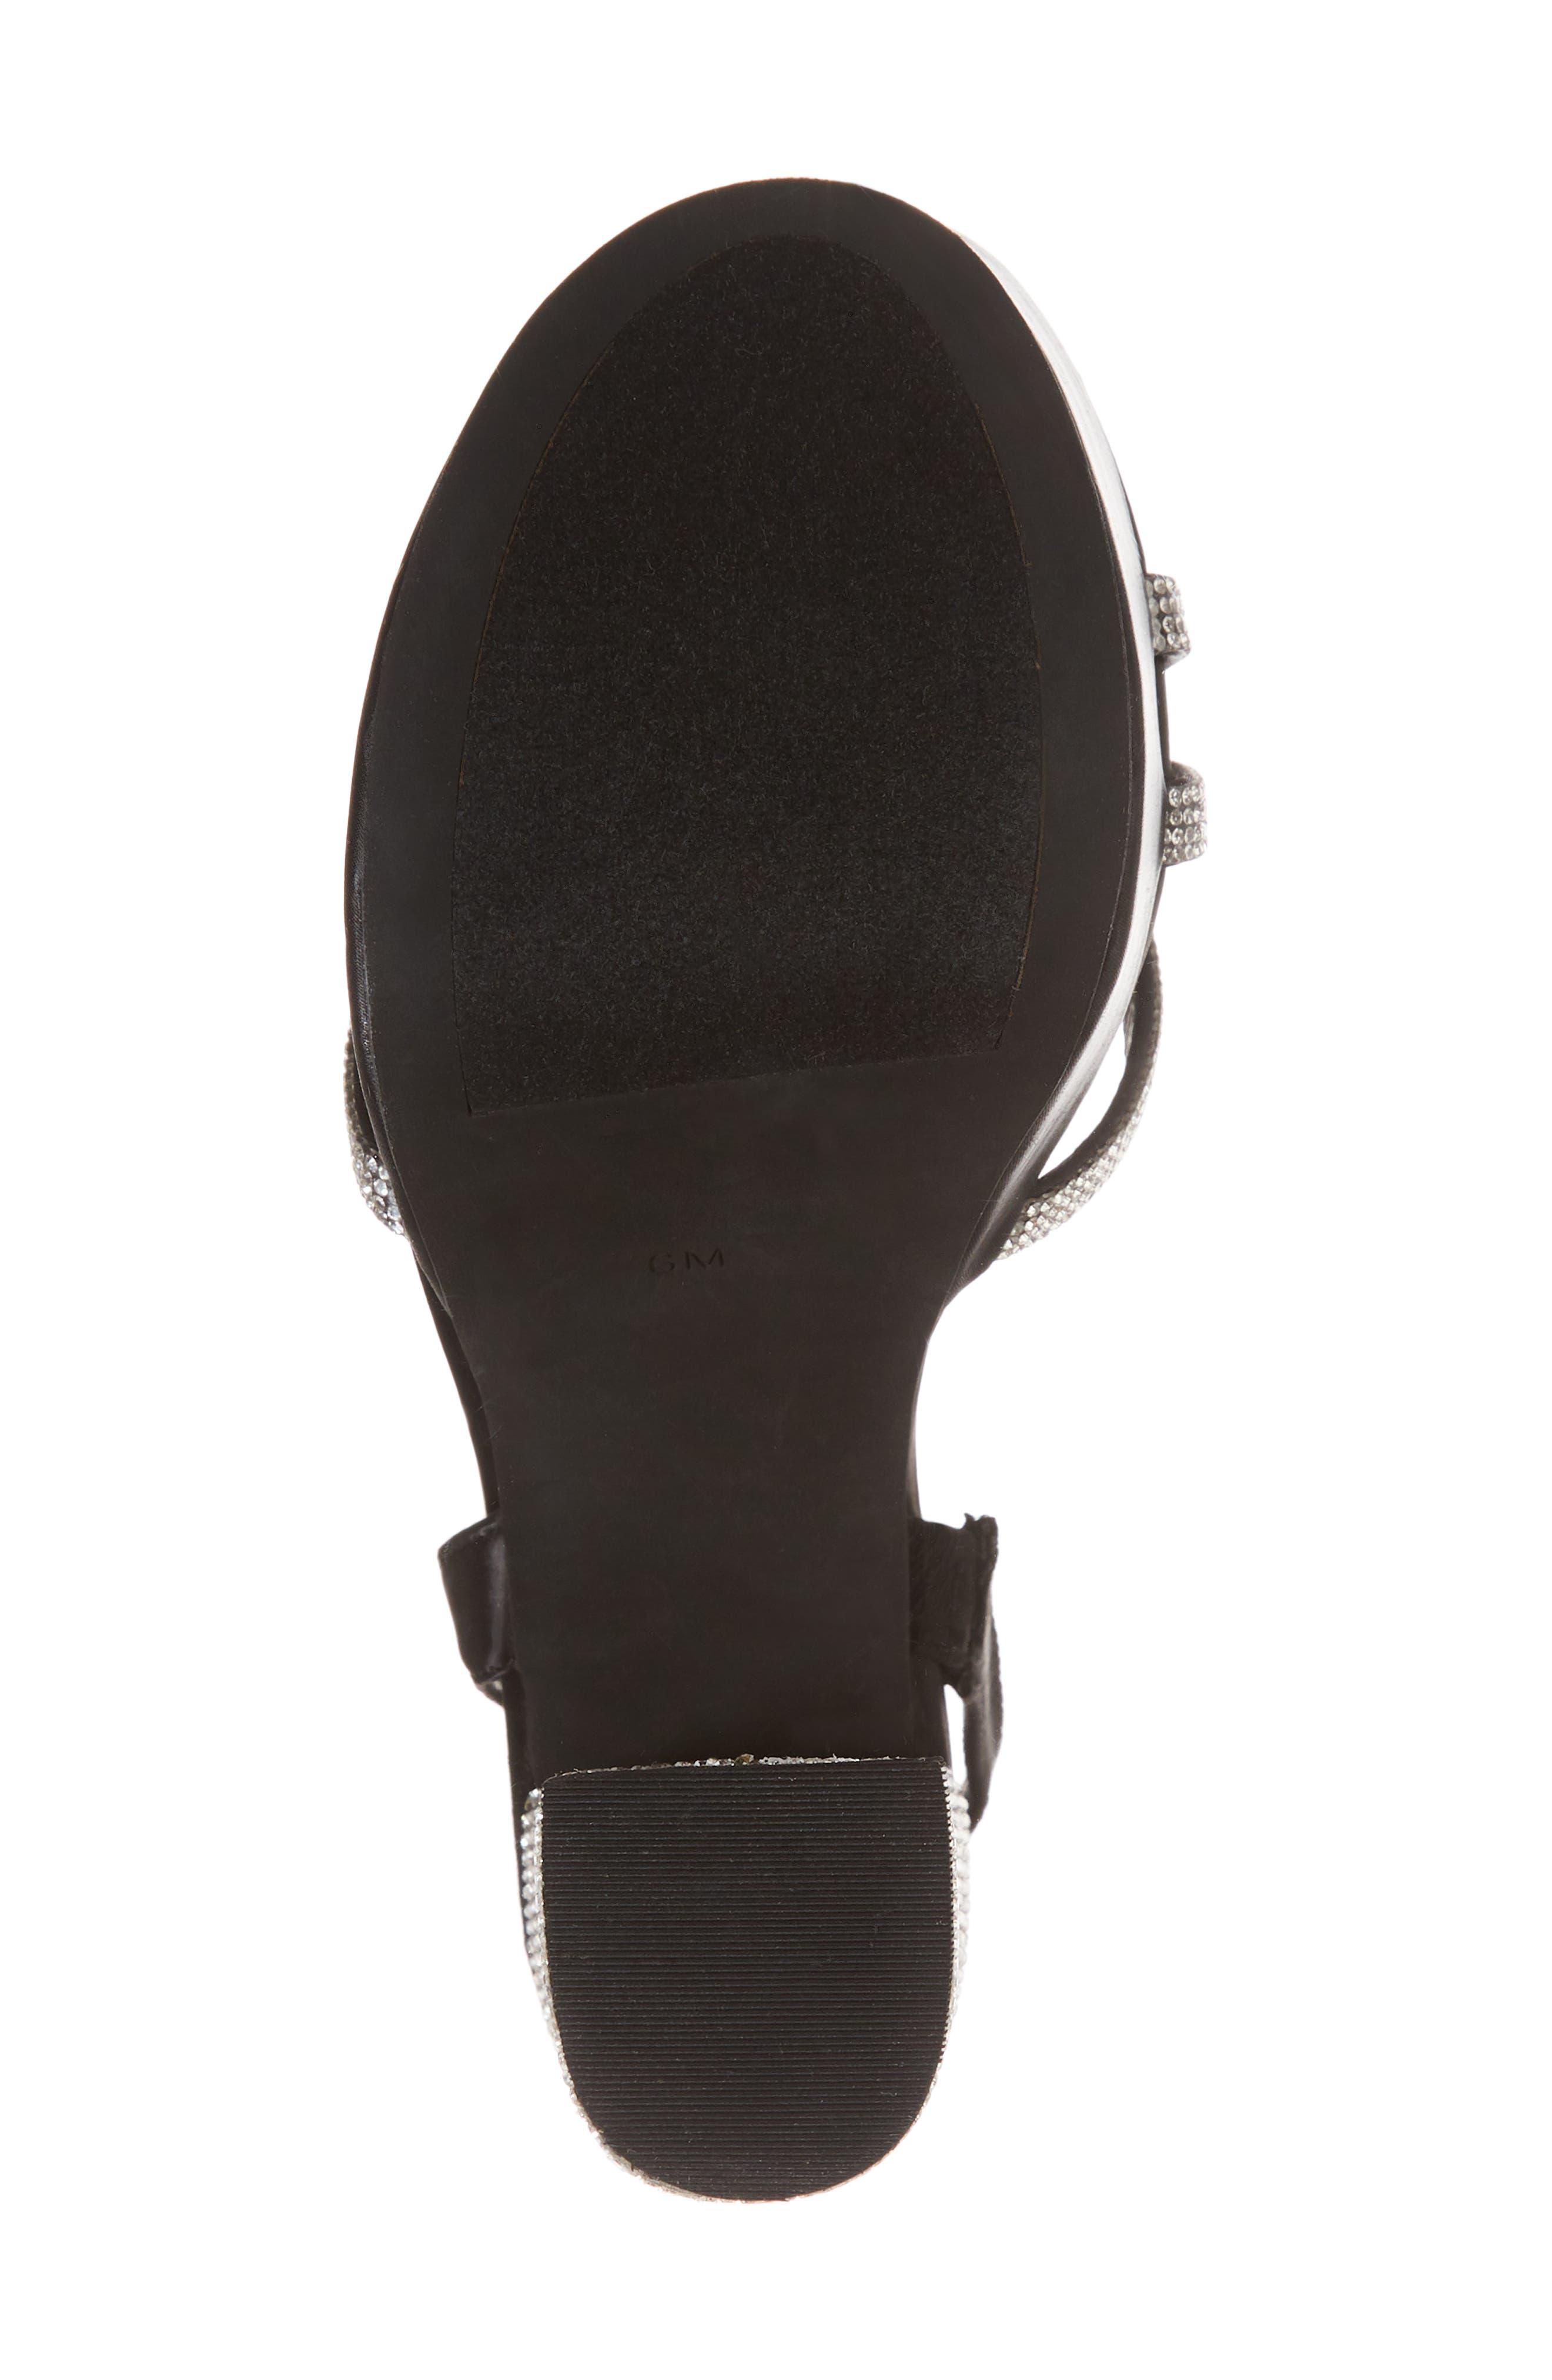 Upset Embellished Platform Sandal,                             Alternate thumbnail 6, color,                             Black Satin/ Silver